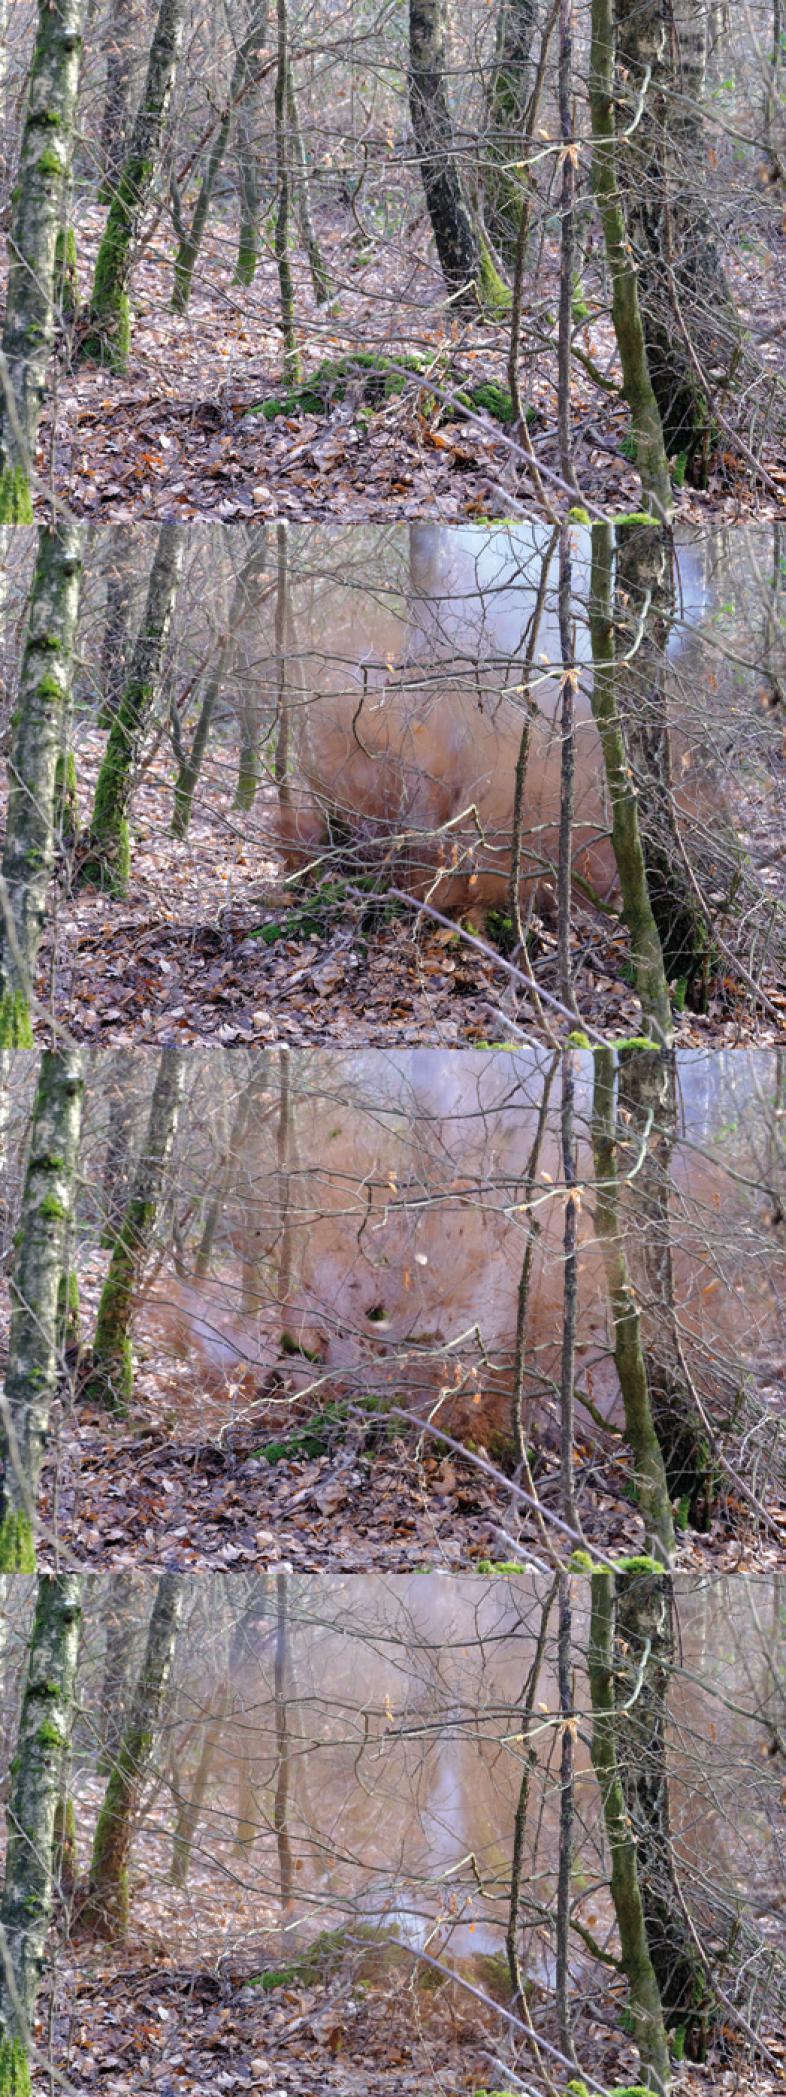 Die Sprengung von TNT ist in einer Folge von 4 Bildern dargestellt.